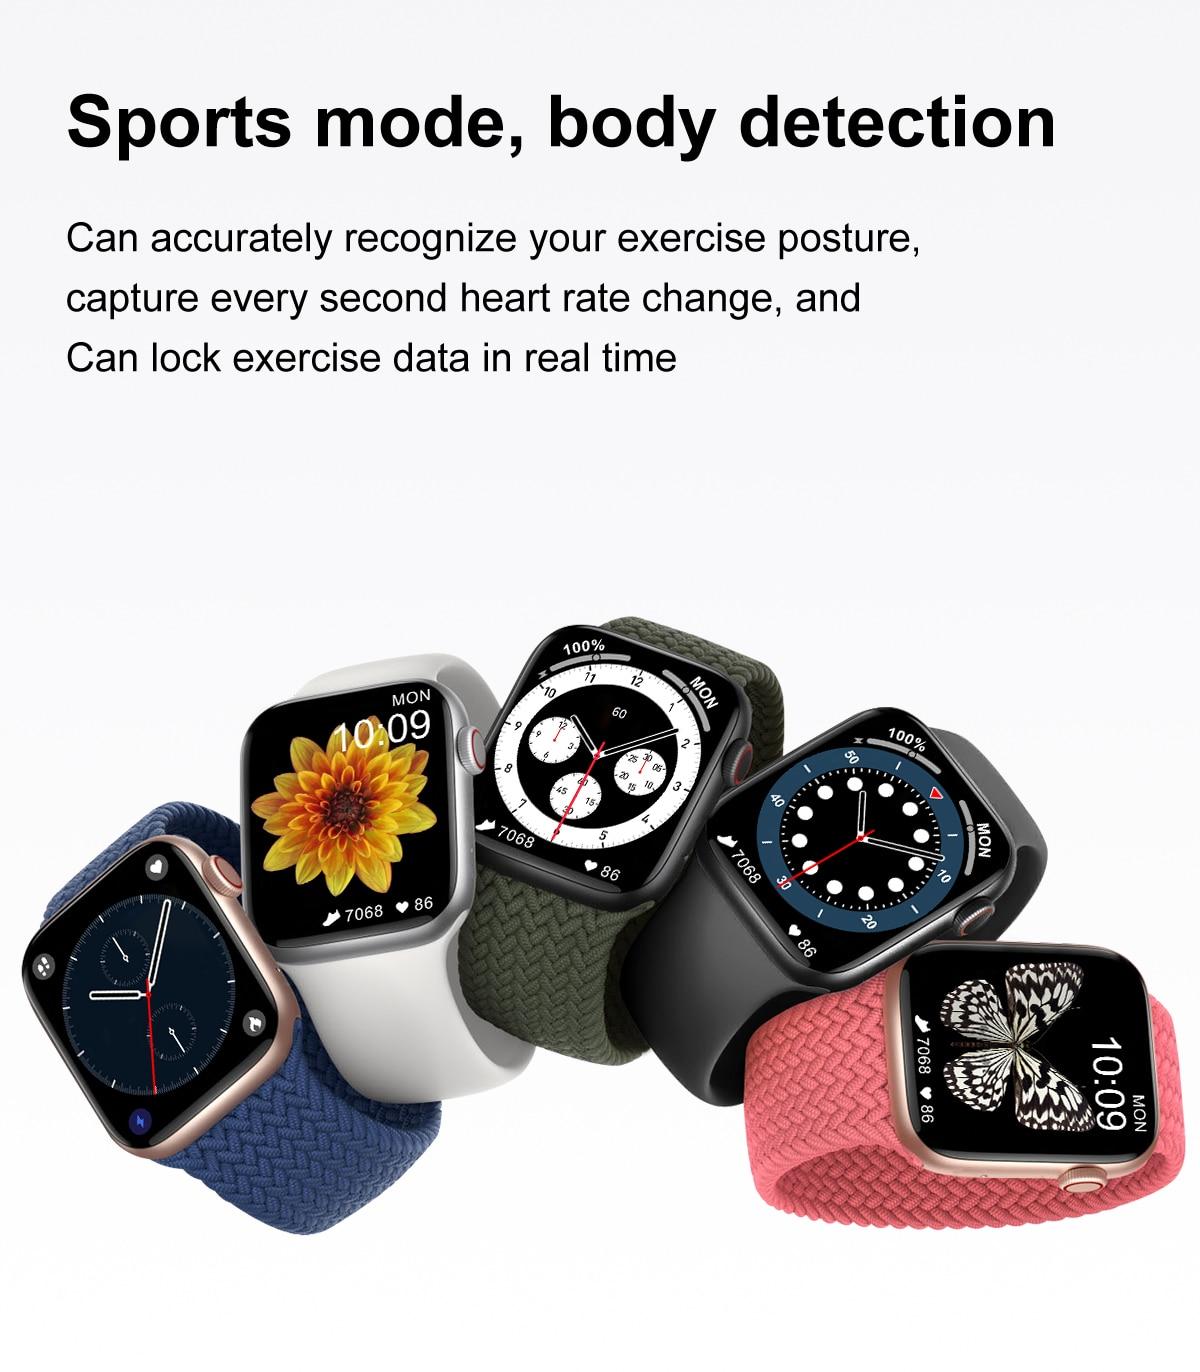 H73cbc0837c8043608df837ea86ea56bel DT100 pro Smart Watch Bluetooth Call Custom Dynamic Watch Face IP68 Waterproof Smartwatch Men Women for Apple Watch Iwo W26